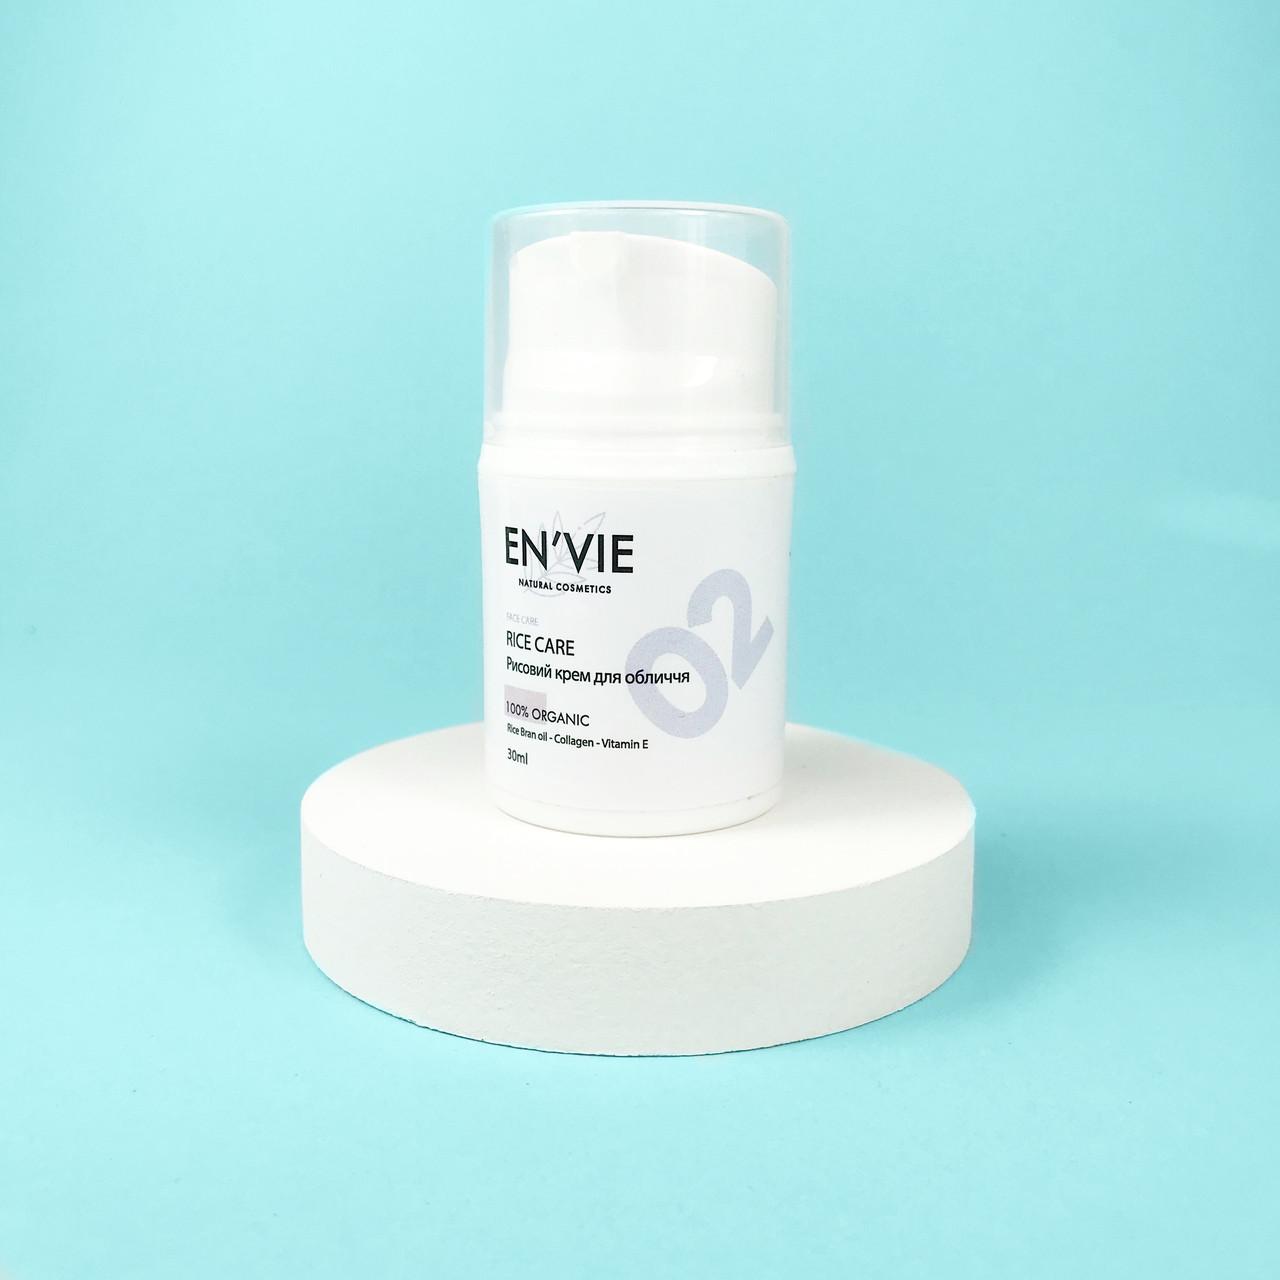 Рисовый крем для лица c коллагеном матирующий  Rice Care  от EN`VIE 30 мл.